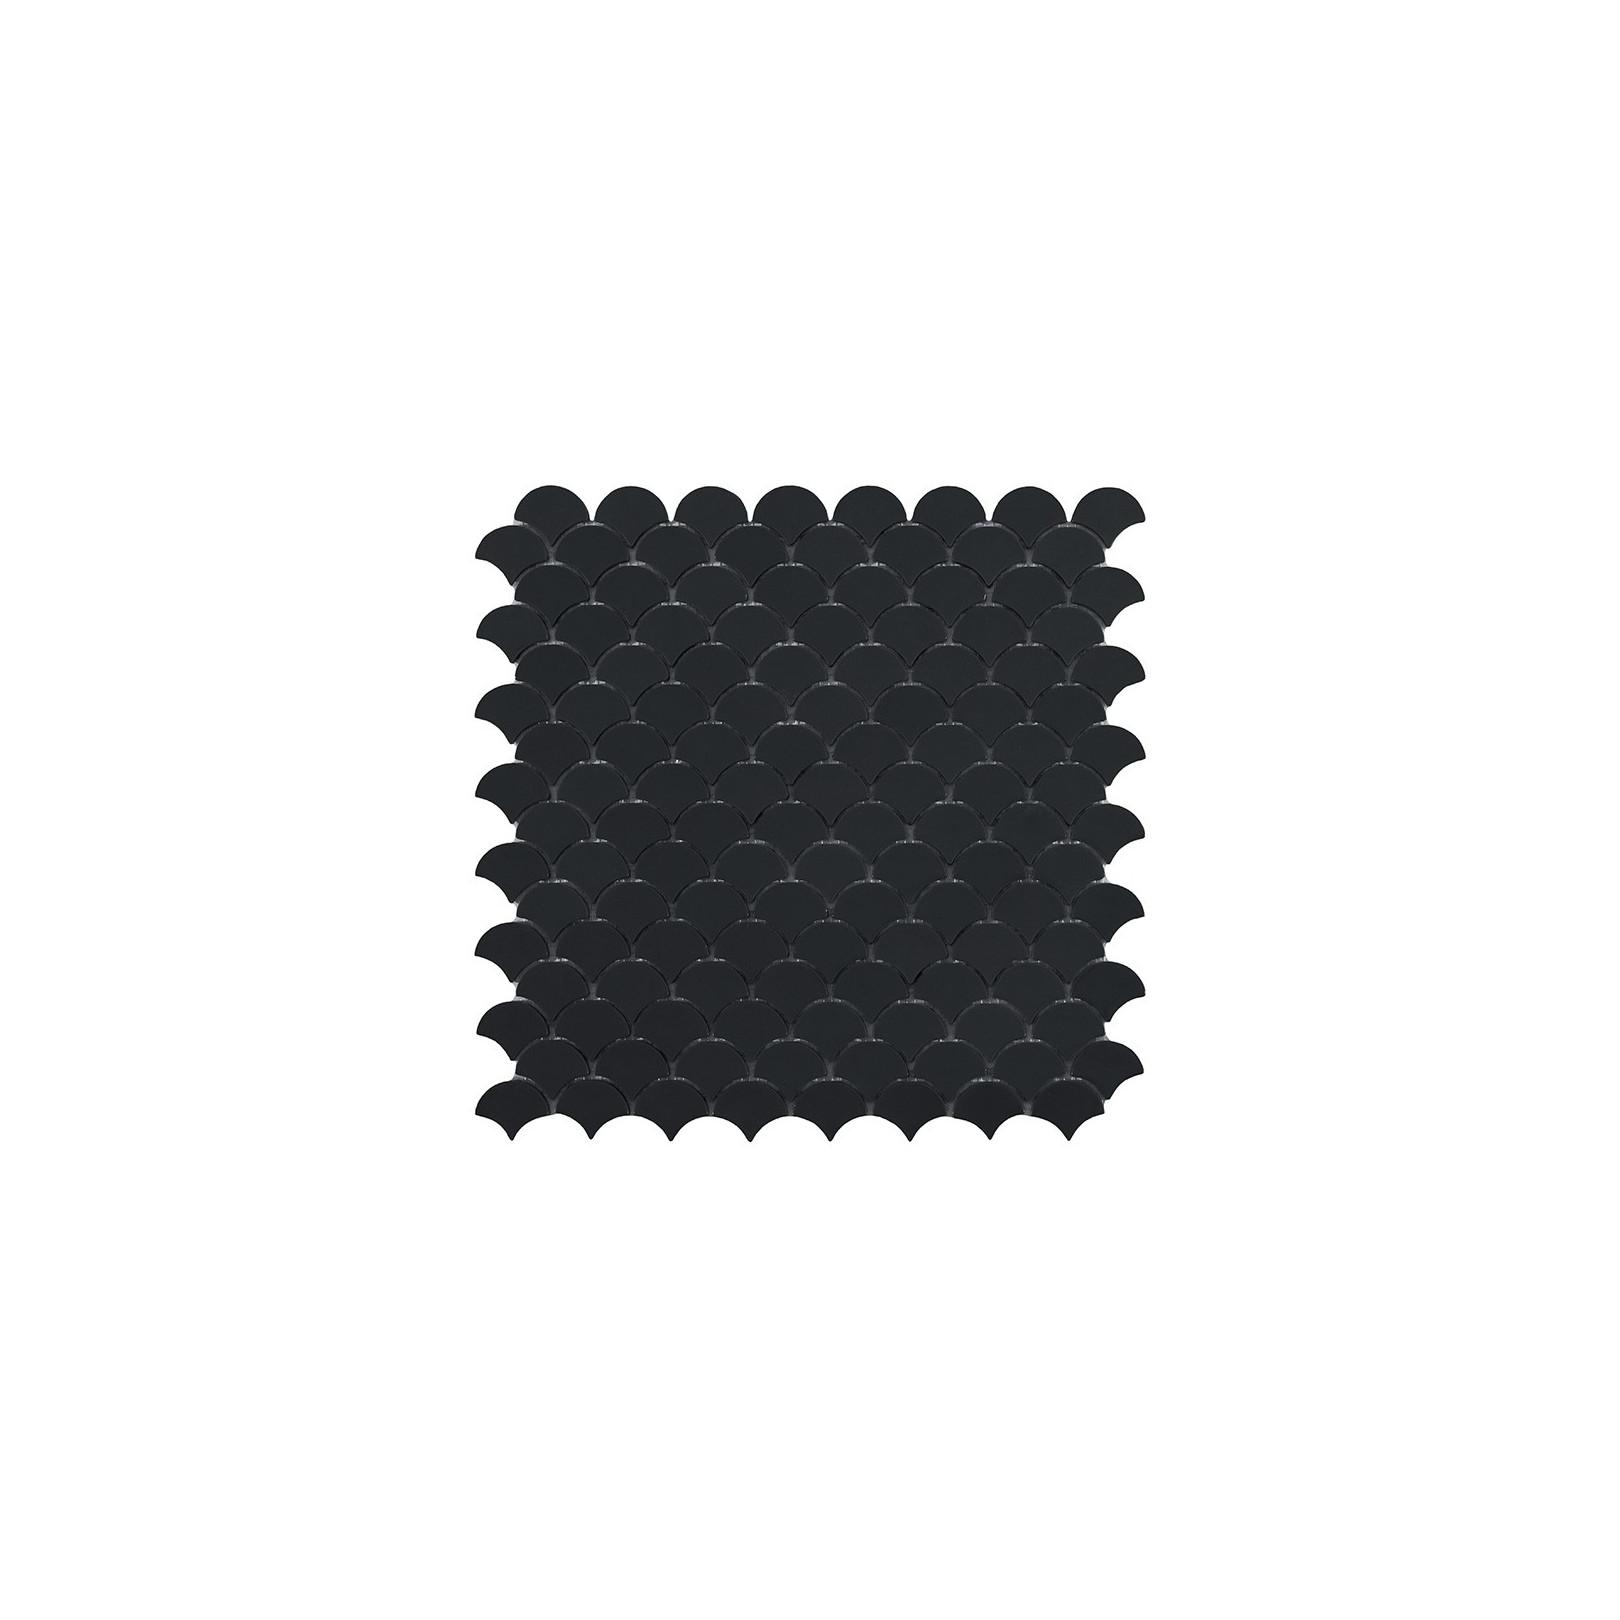 Mosaïque Soul écaille 3,6x2,9cm black (noir) mat sur trame nylon 32,4x31,7cm